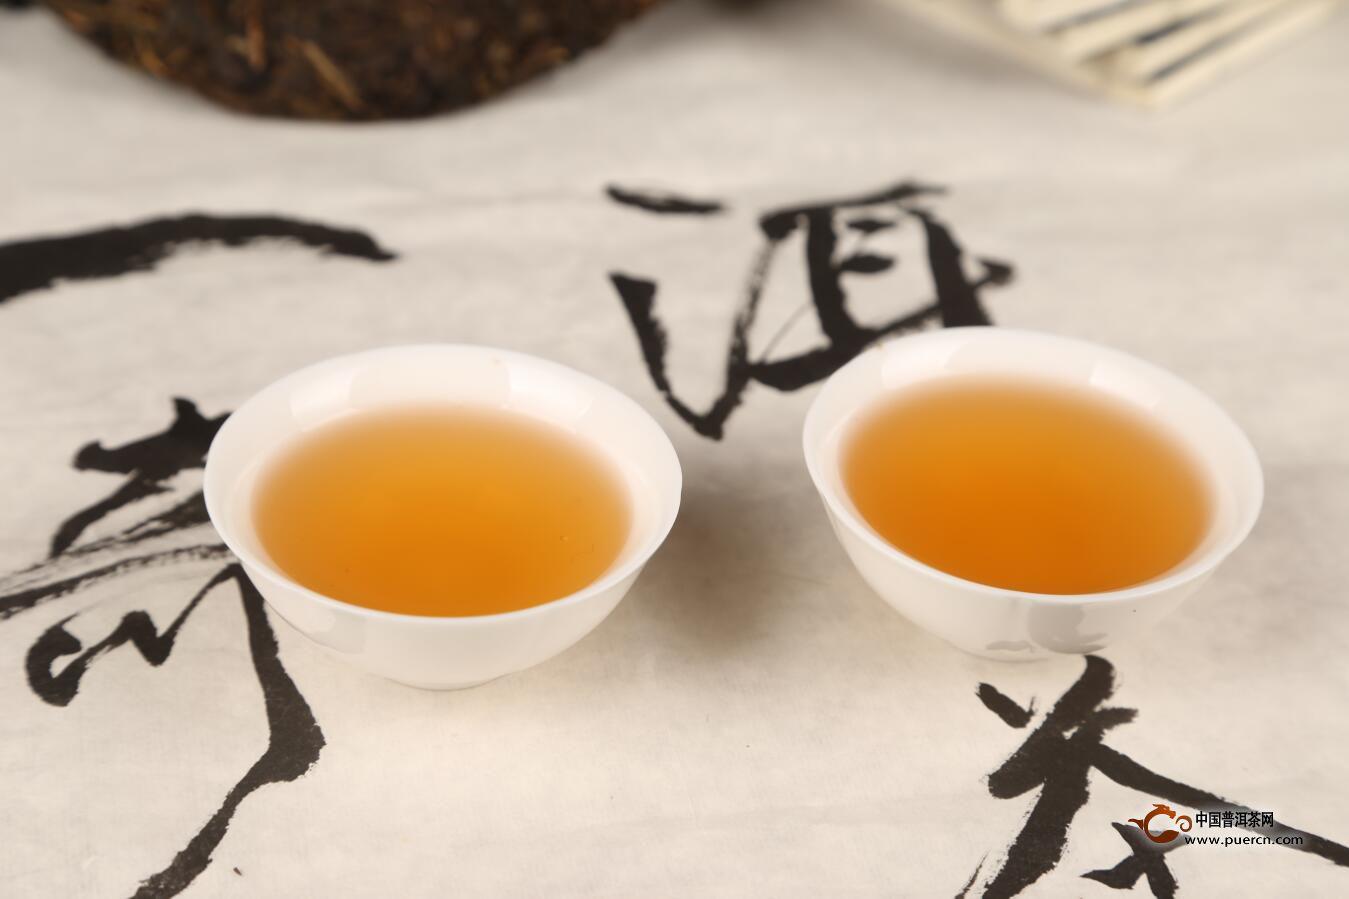 云南25个著名地脊头古树普洱茶的特点及口感!